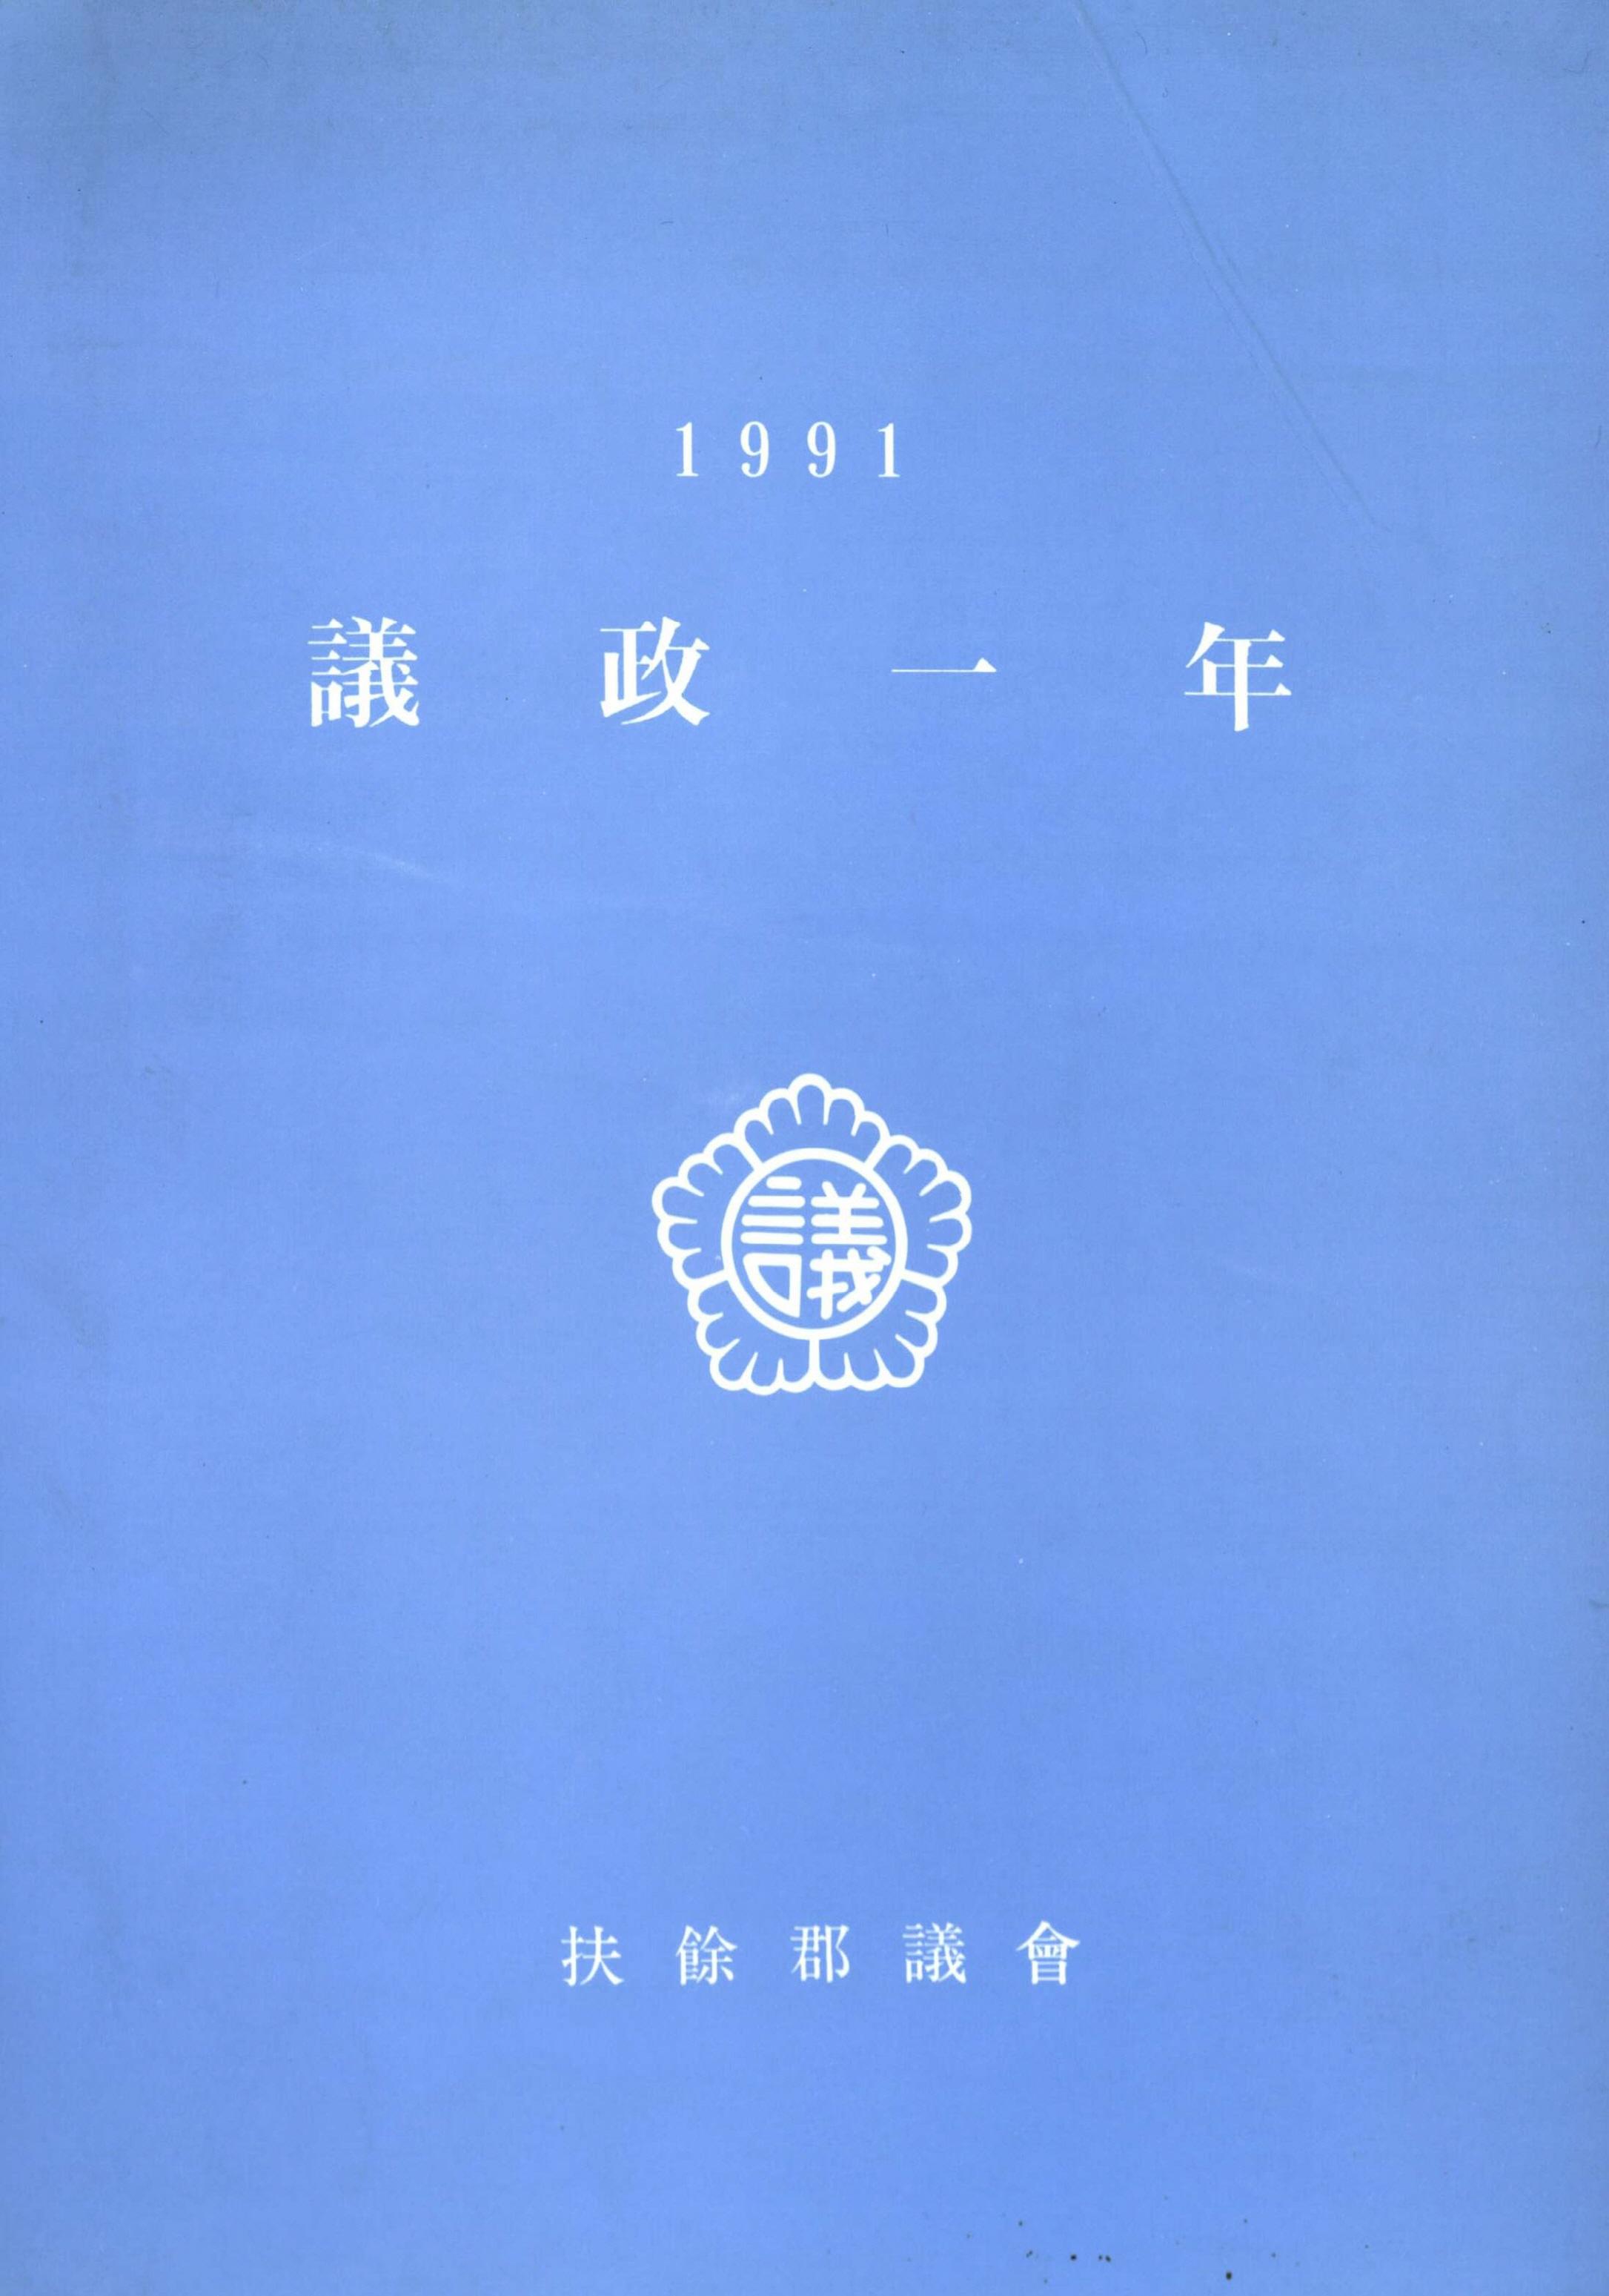 1991 의정일년